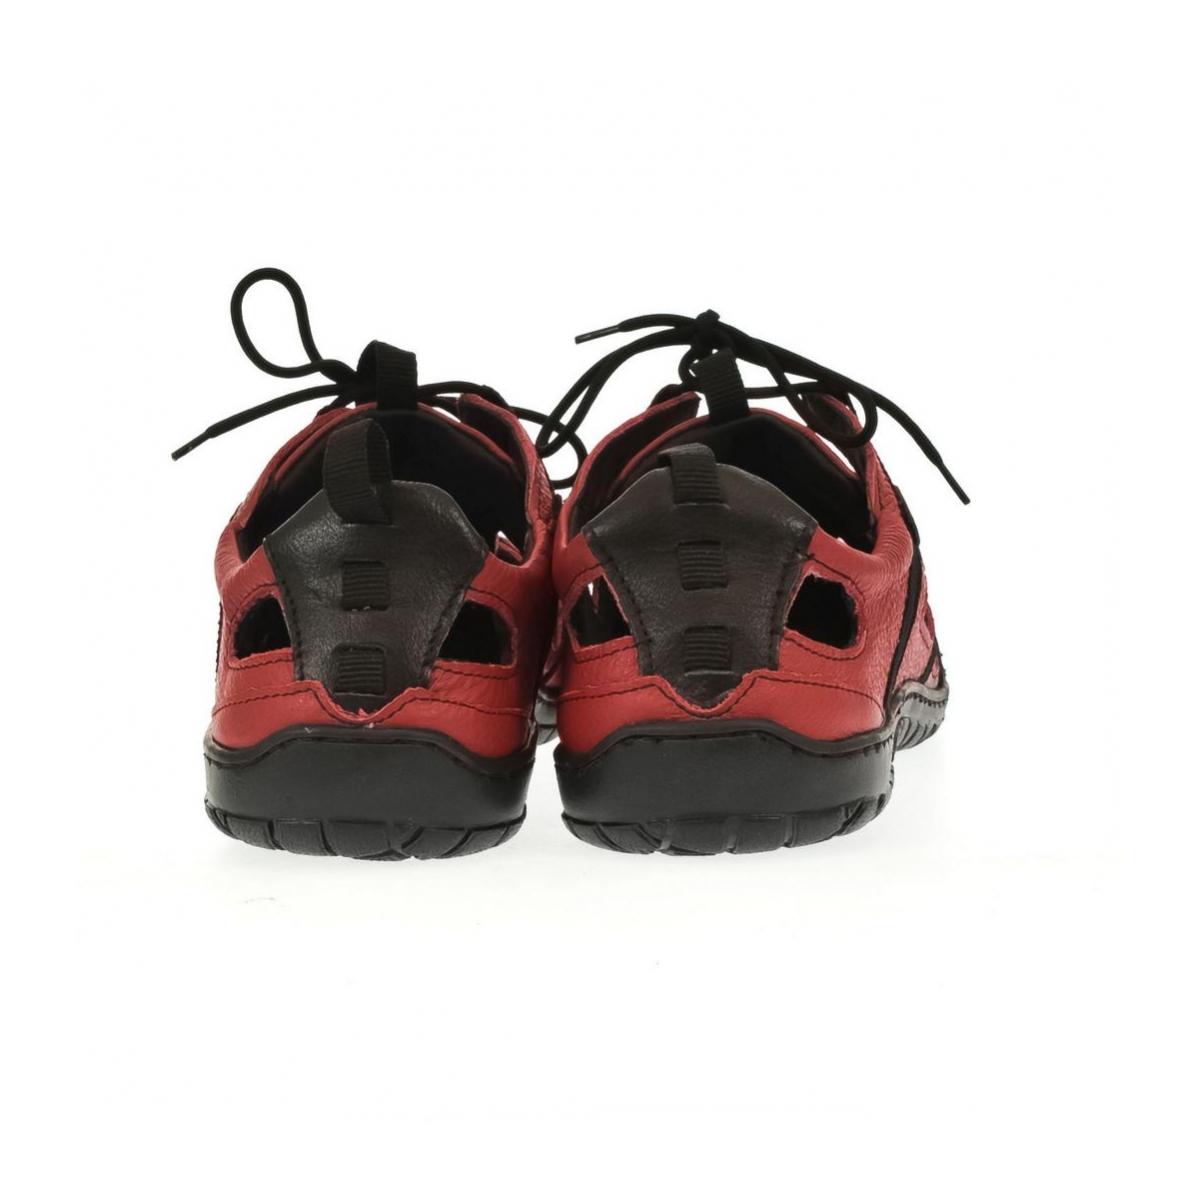 Pánske kožené červené topánky VINCENT - 3 b748d2f6a79